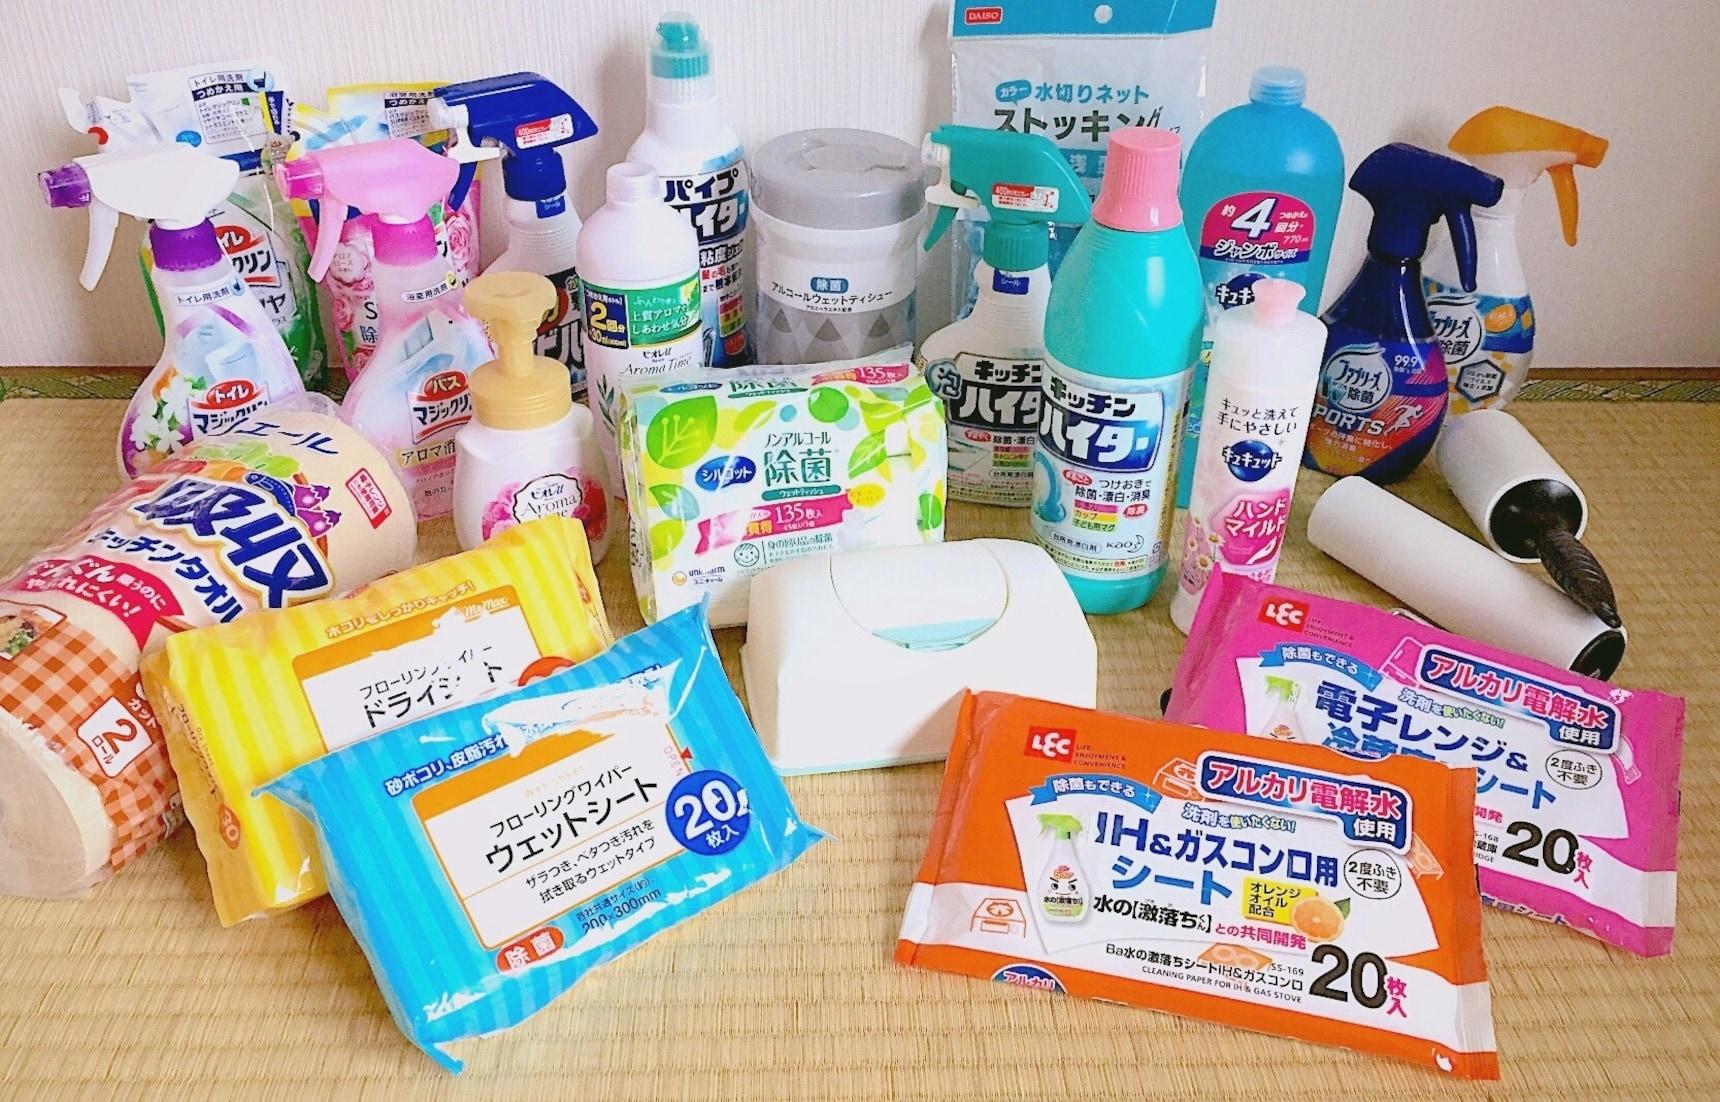 รวม 10 ไอเทมทำความสะอาดน่าซื้อจากญี่ปุ่น